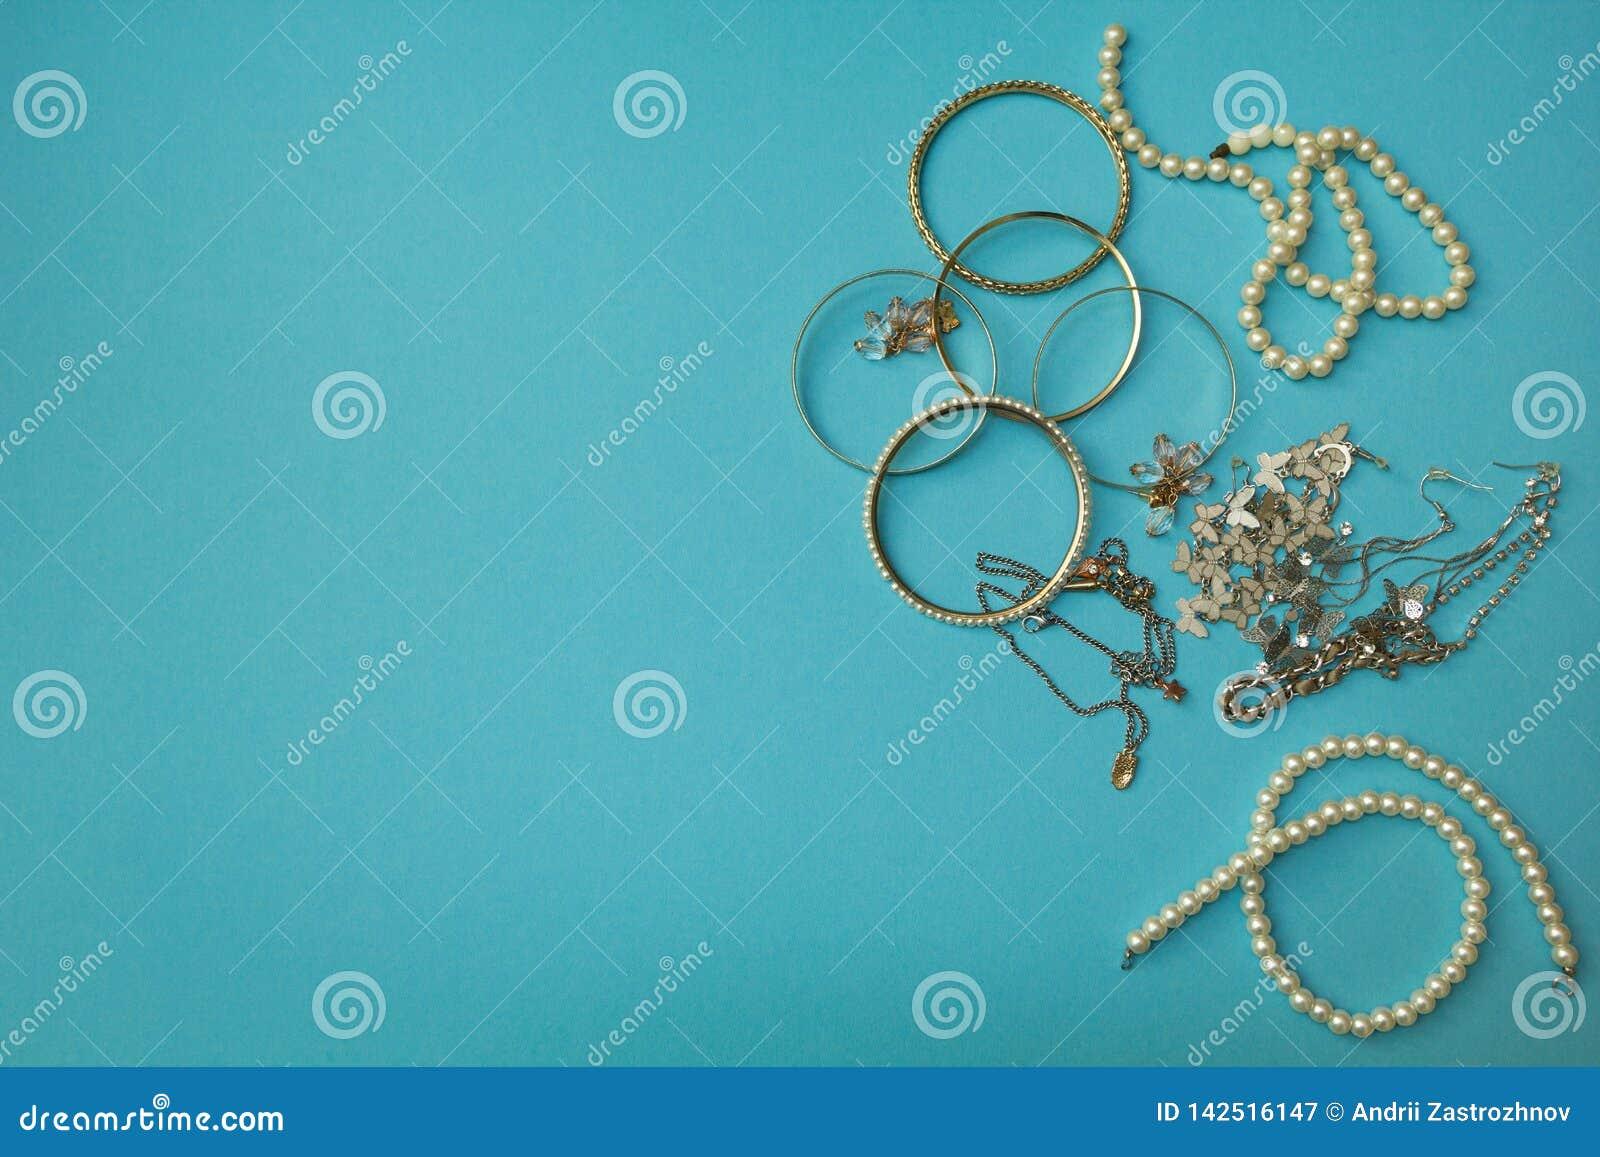 Kvinnors smycken och annat material på en blå bakgrund